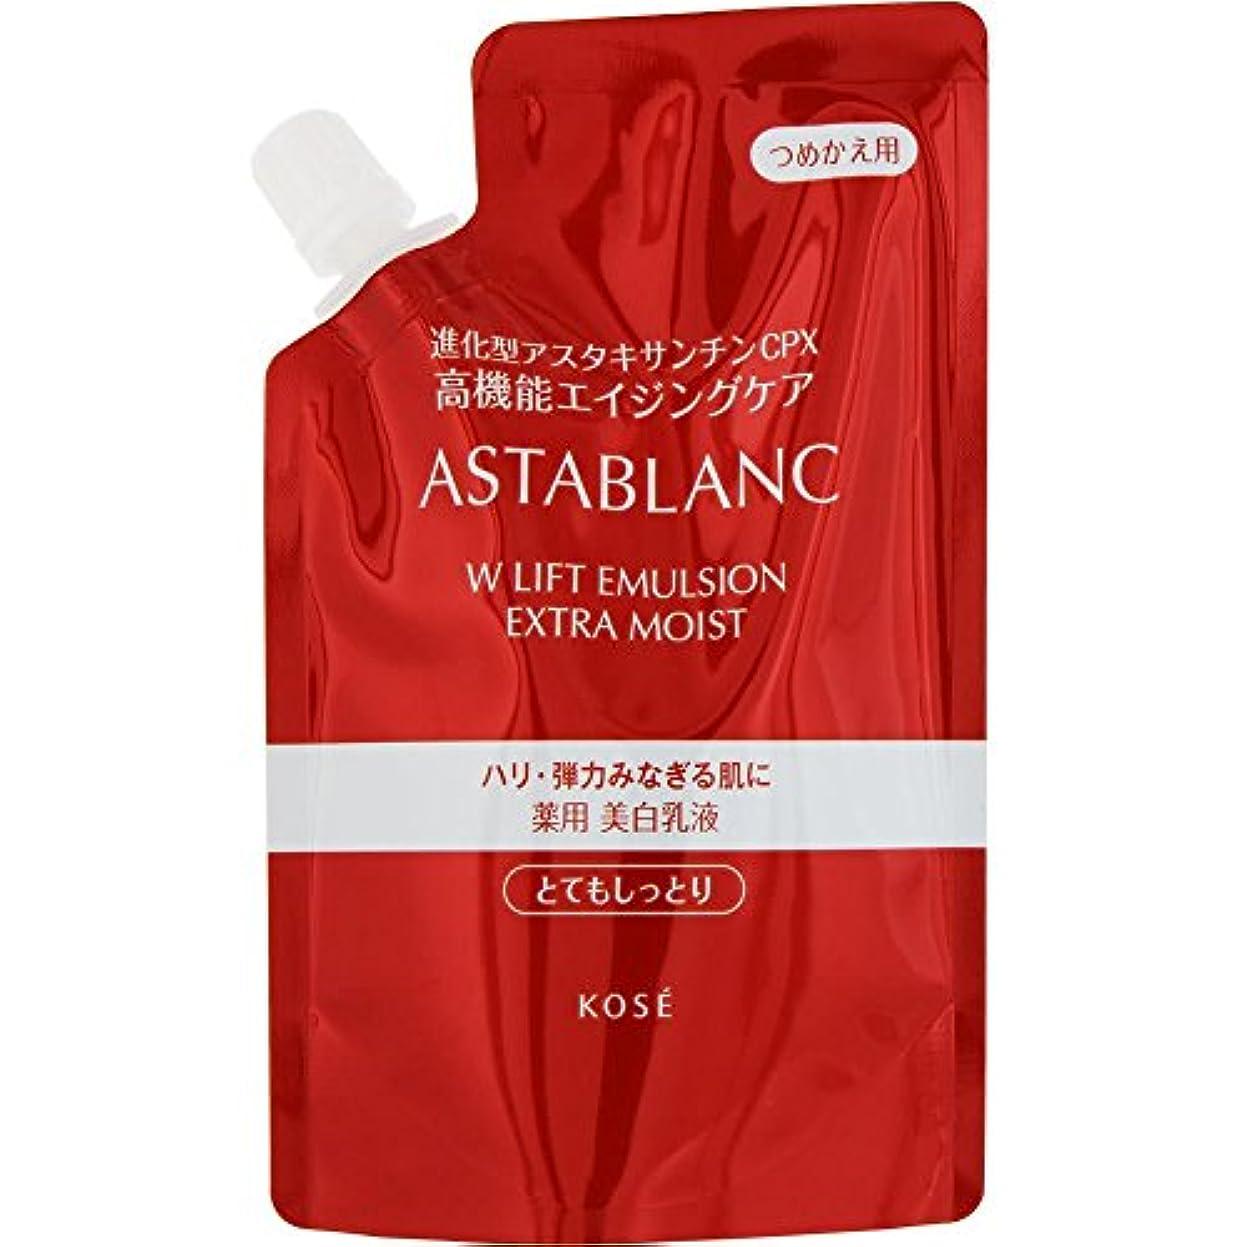 デンマーク乙女一握り[医薬部外品] アスタブラン Wリフト エマルジョン とてもしっとり (つめかえ用) 90mL